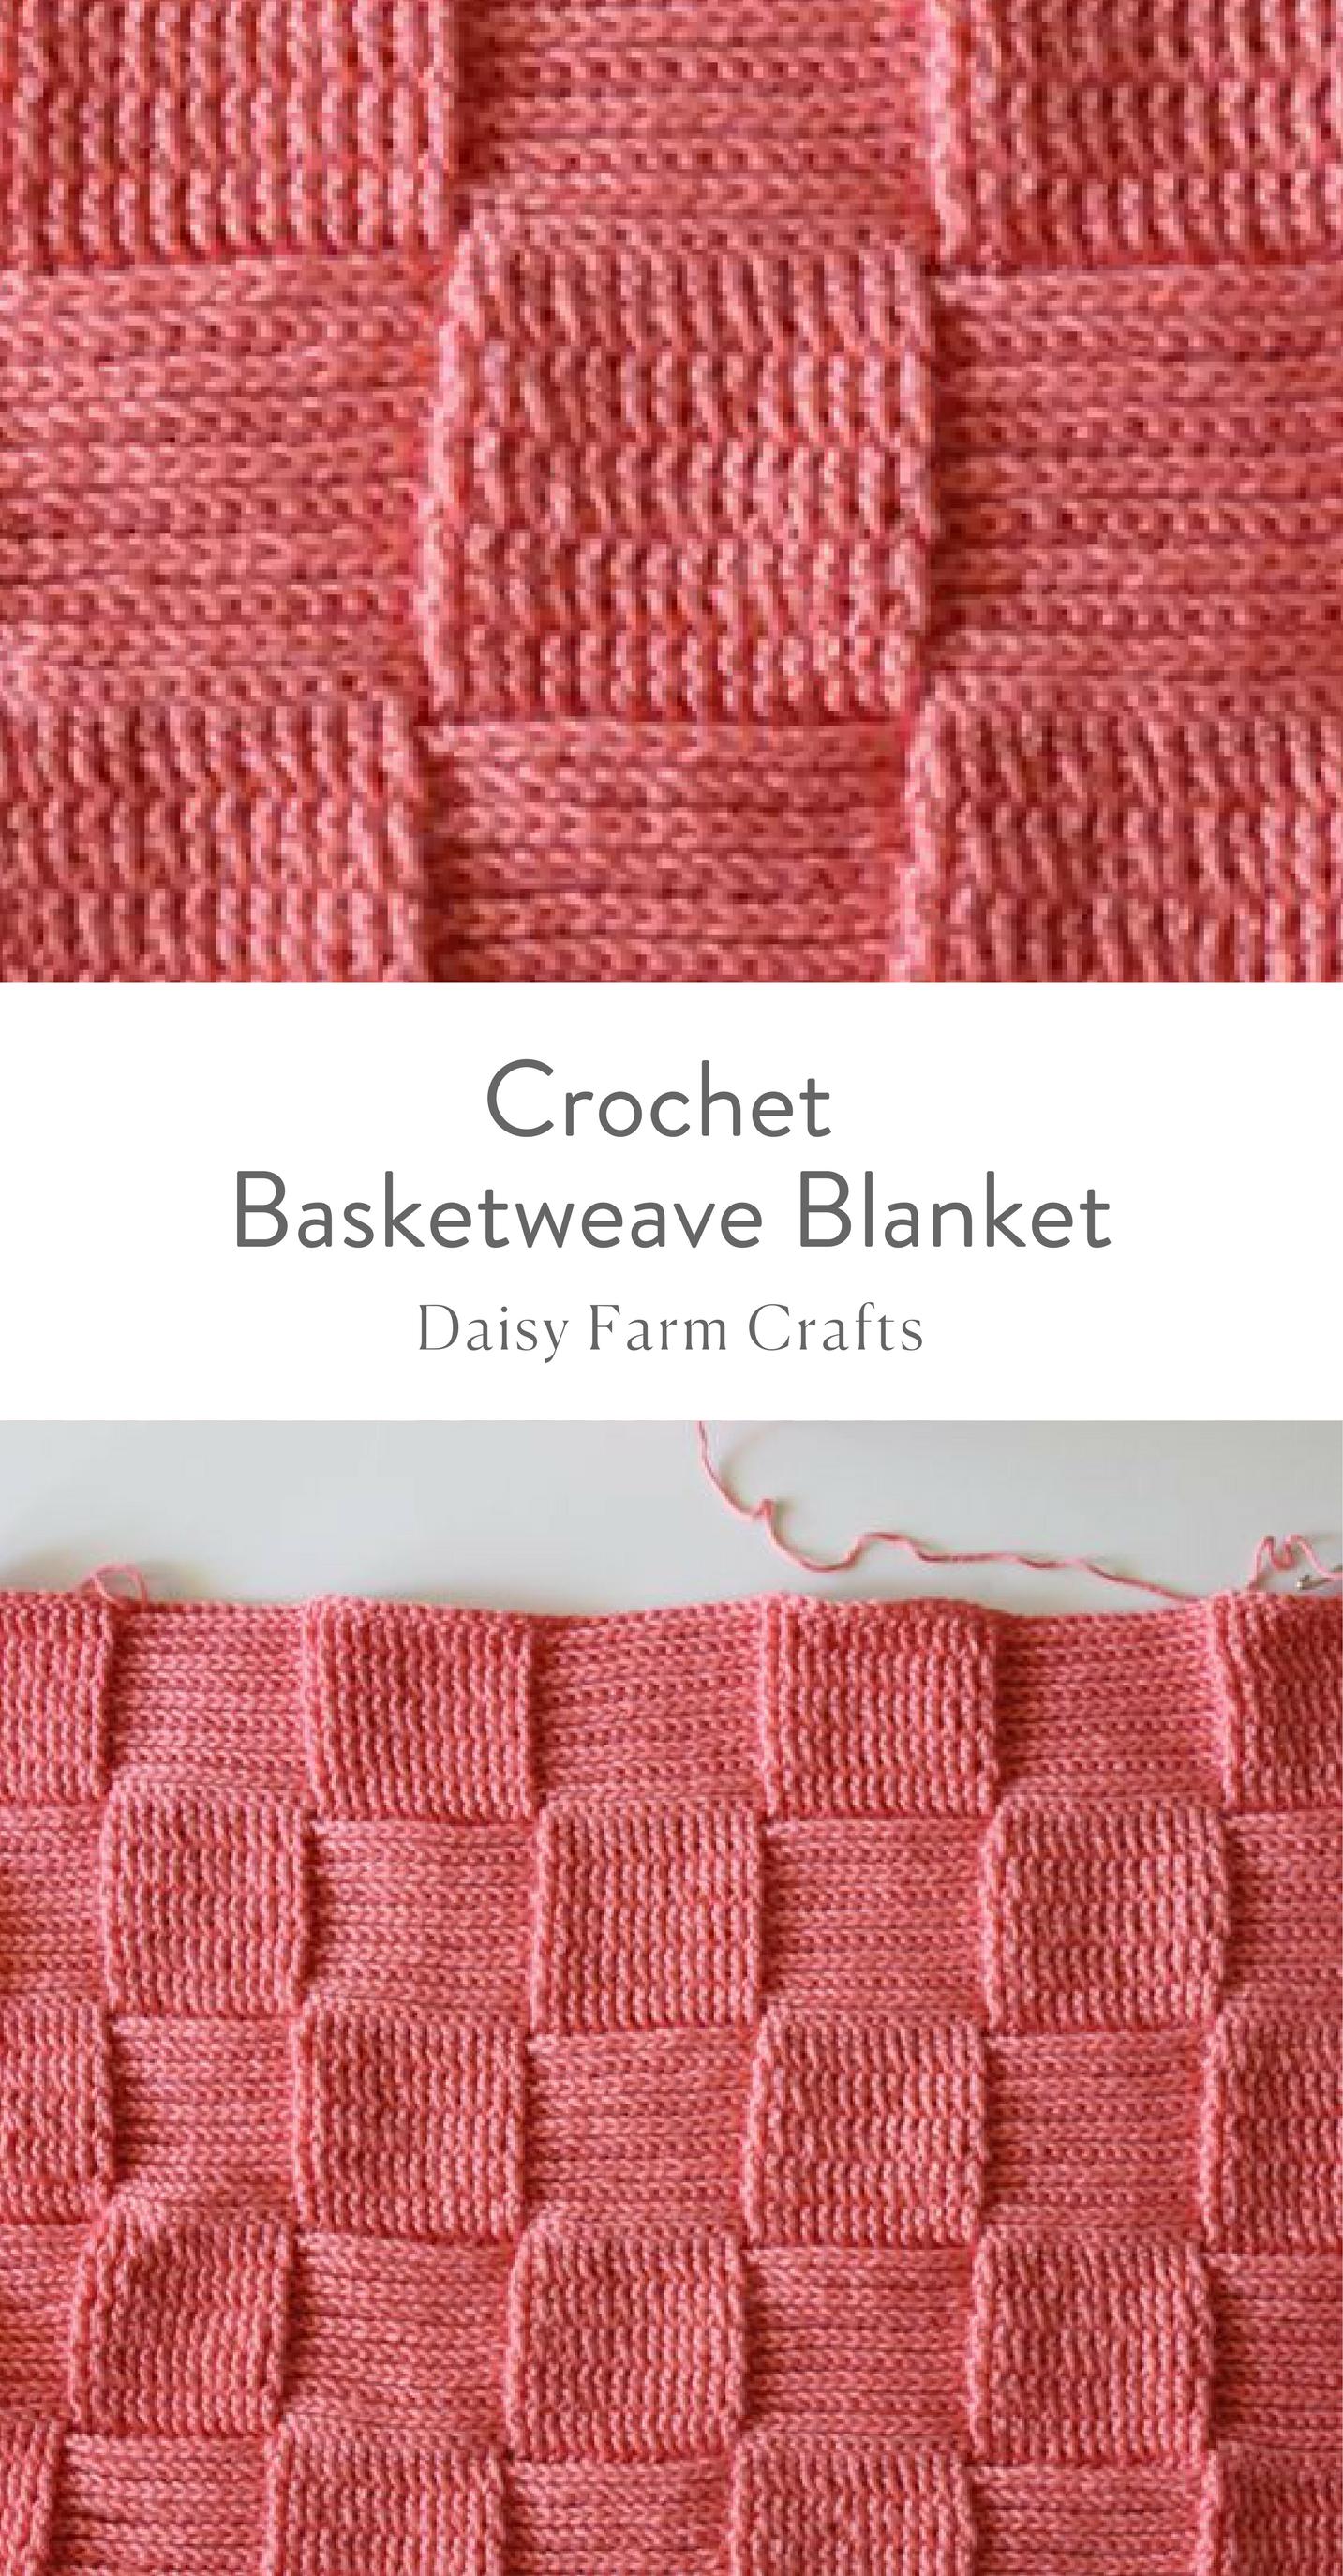 Free Pattern - Crochet Basketweave Blanket | Craft project ideas ...